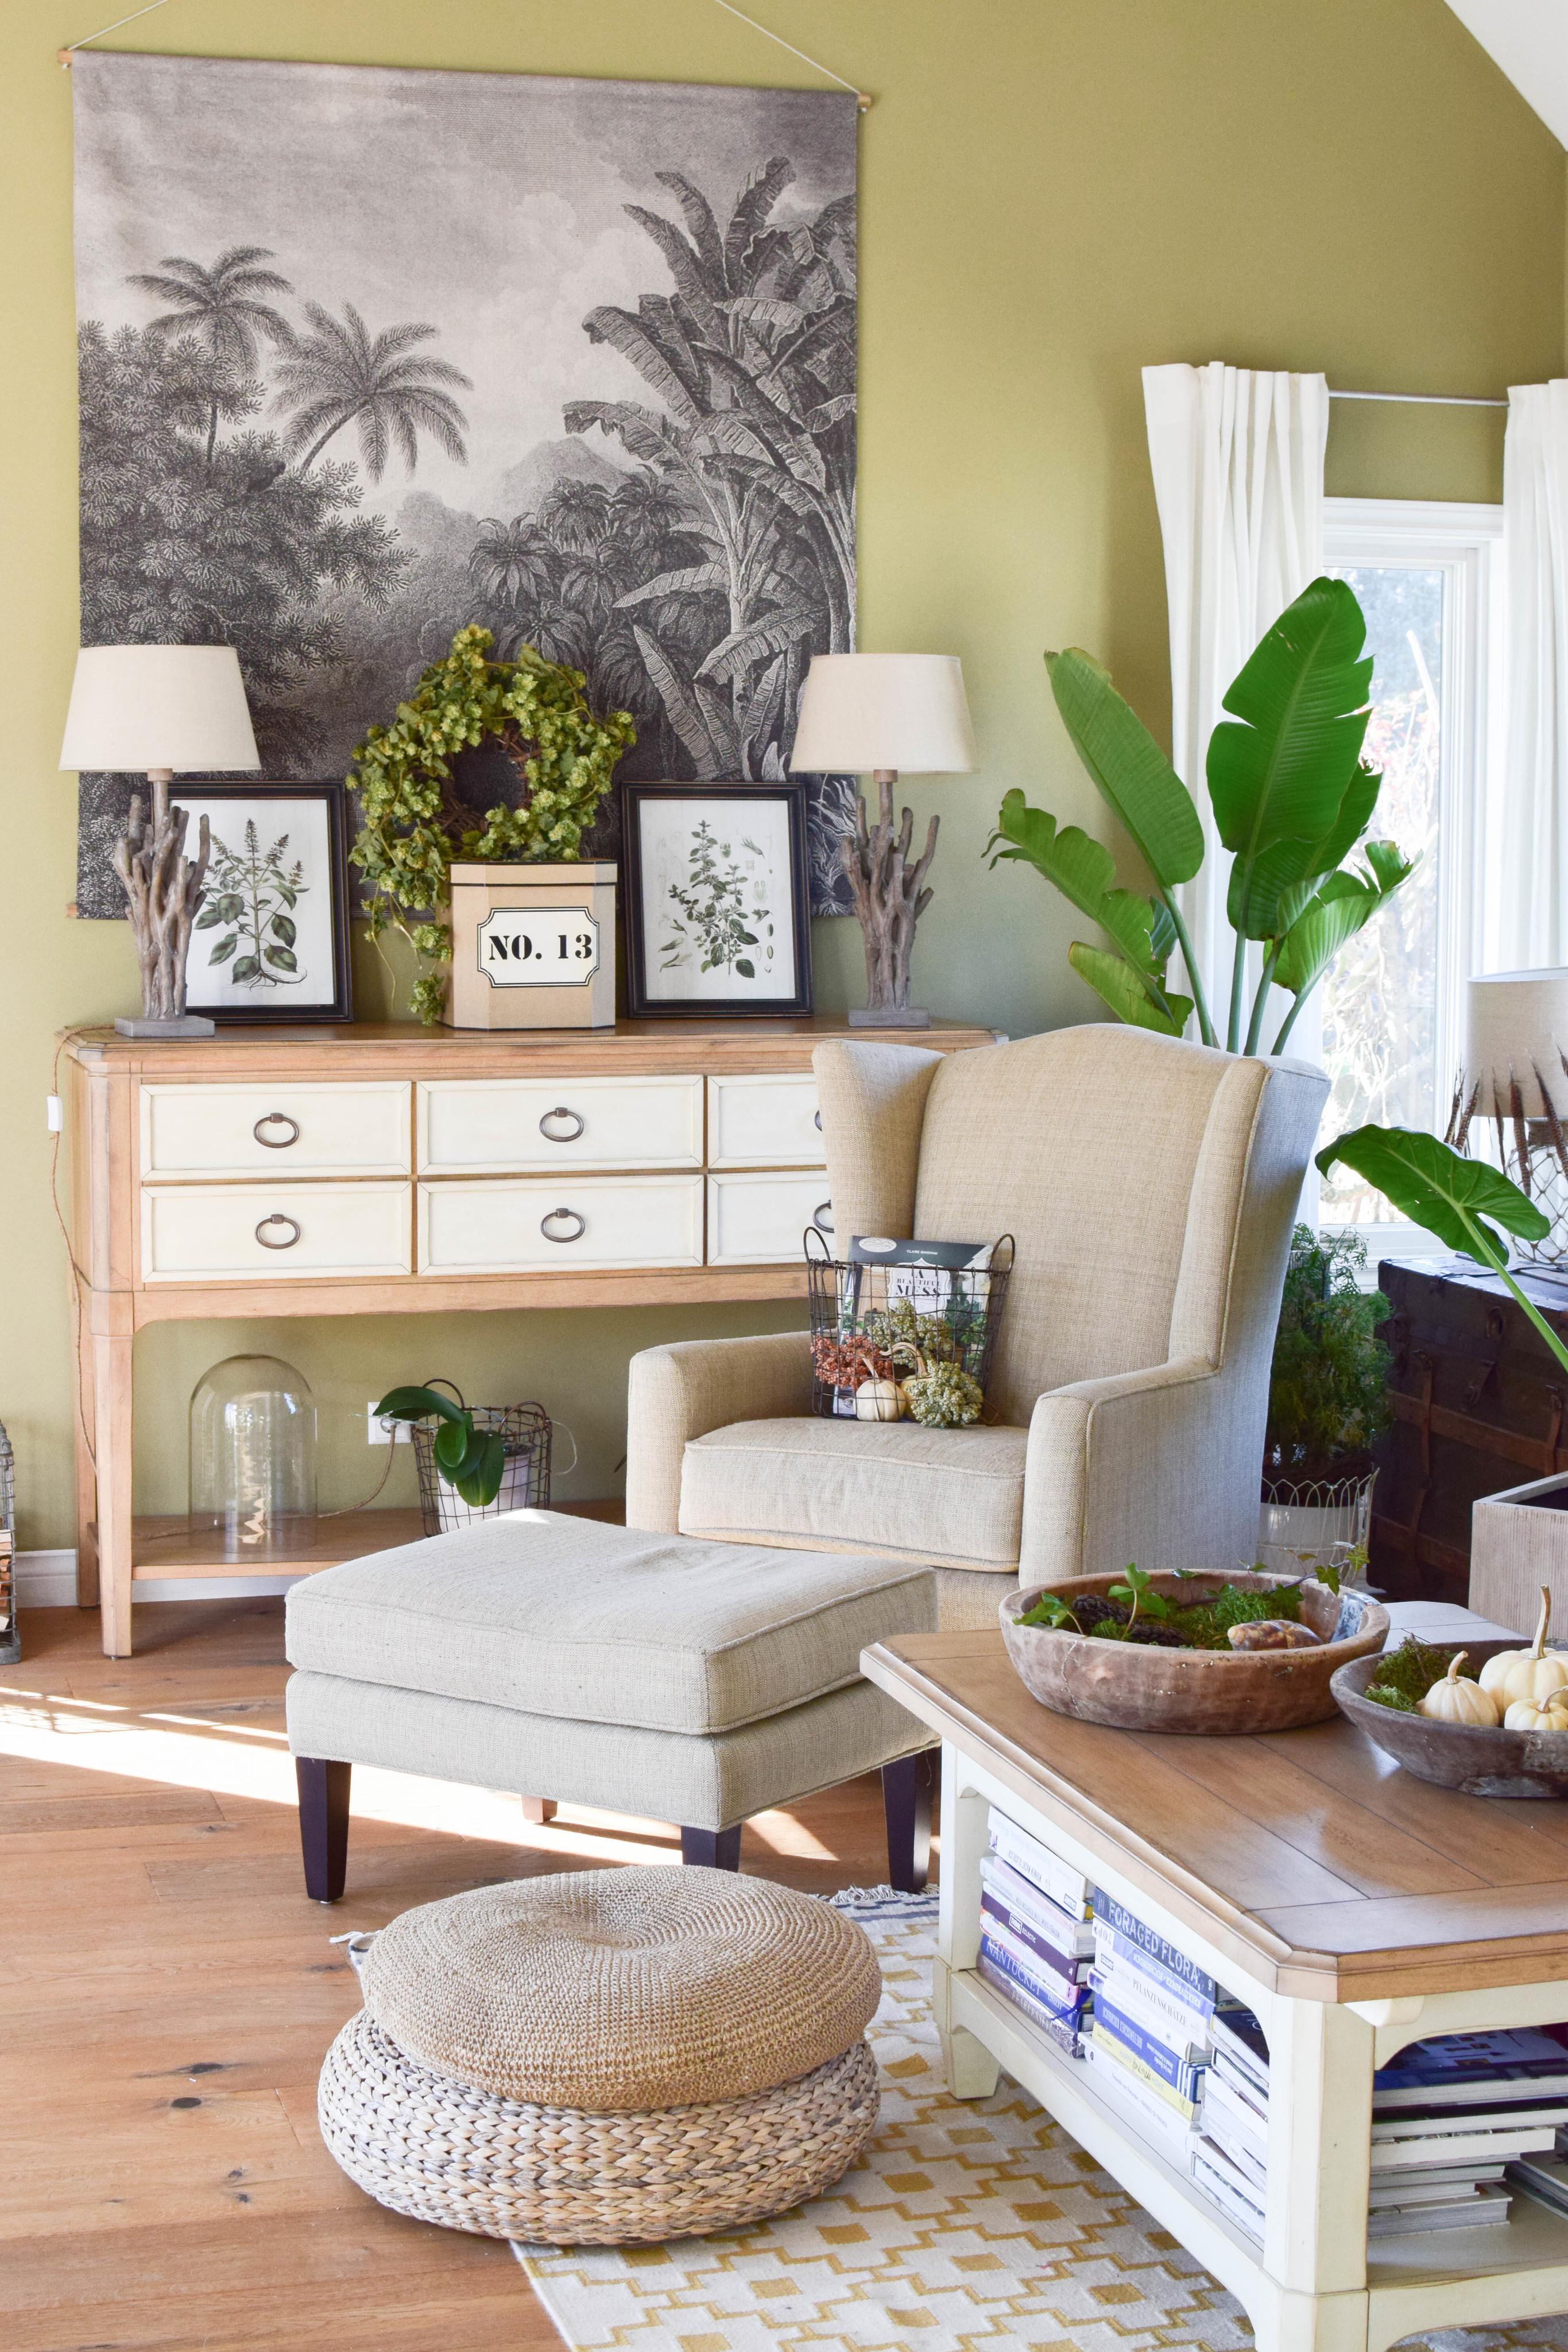 Mein Botanical Style Für Den Herbst. #wohnzimmer #deko #interior  #urbanjungle